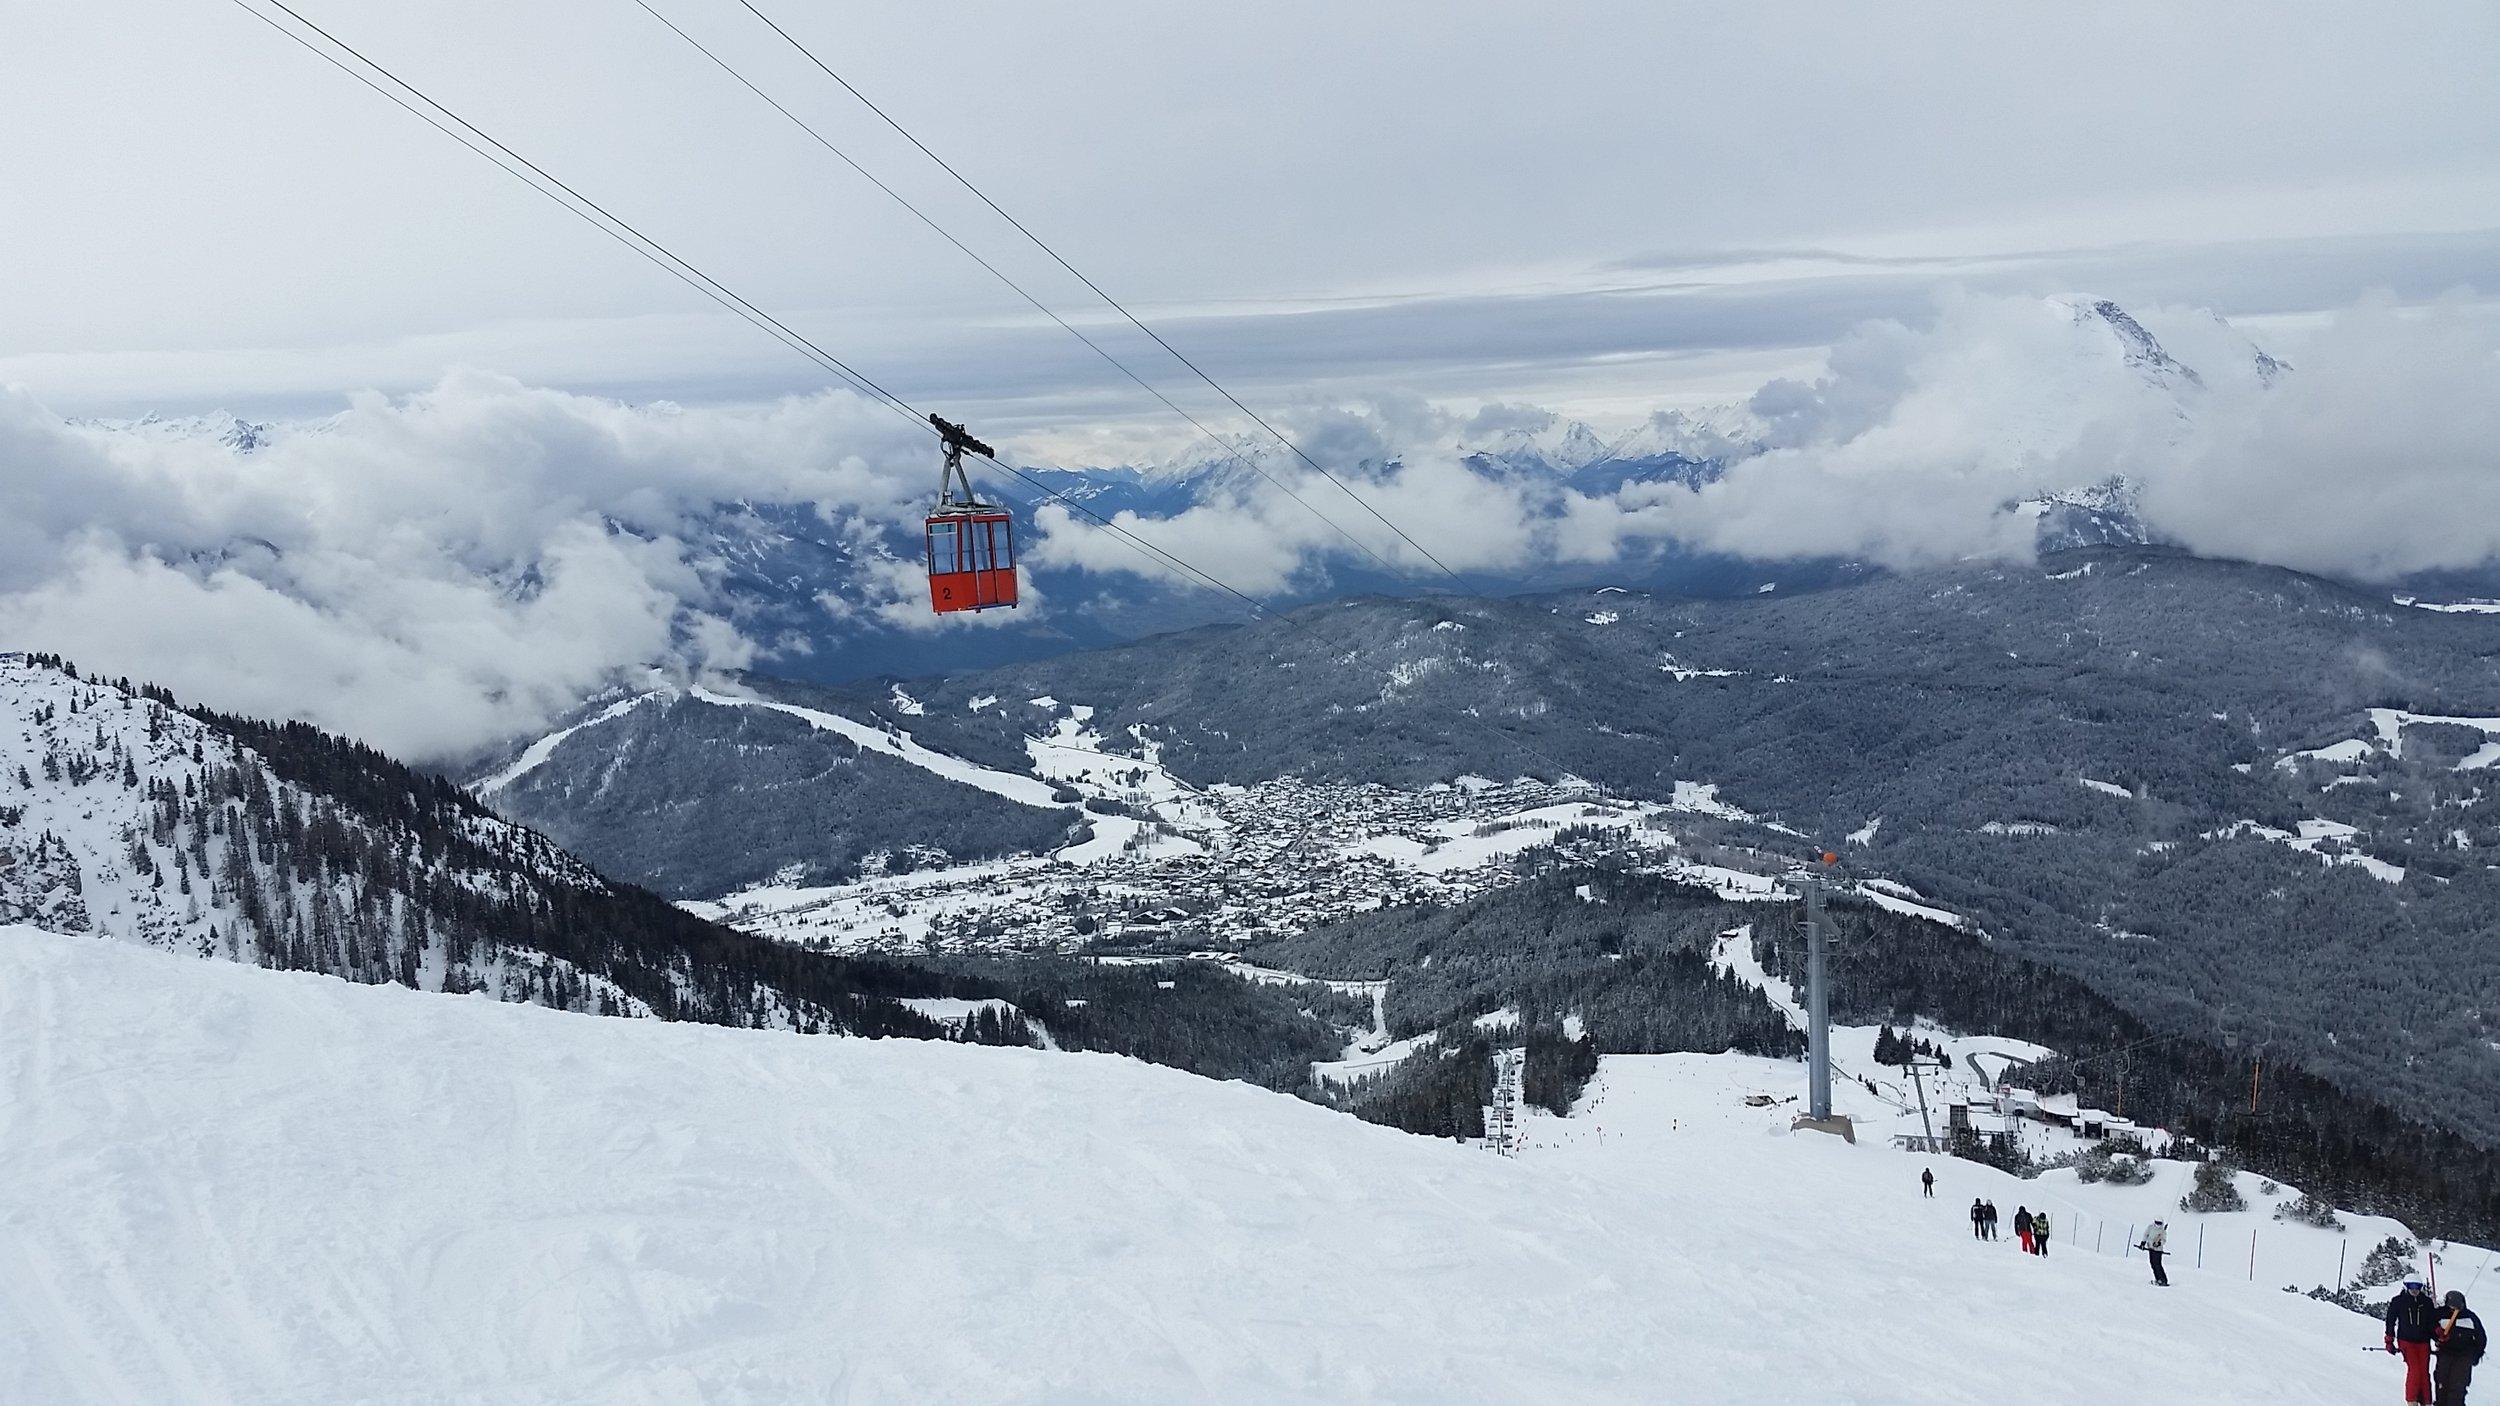 Seefeld Jochbahn at Rosshutte ski area